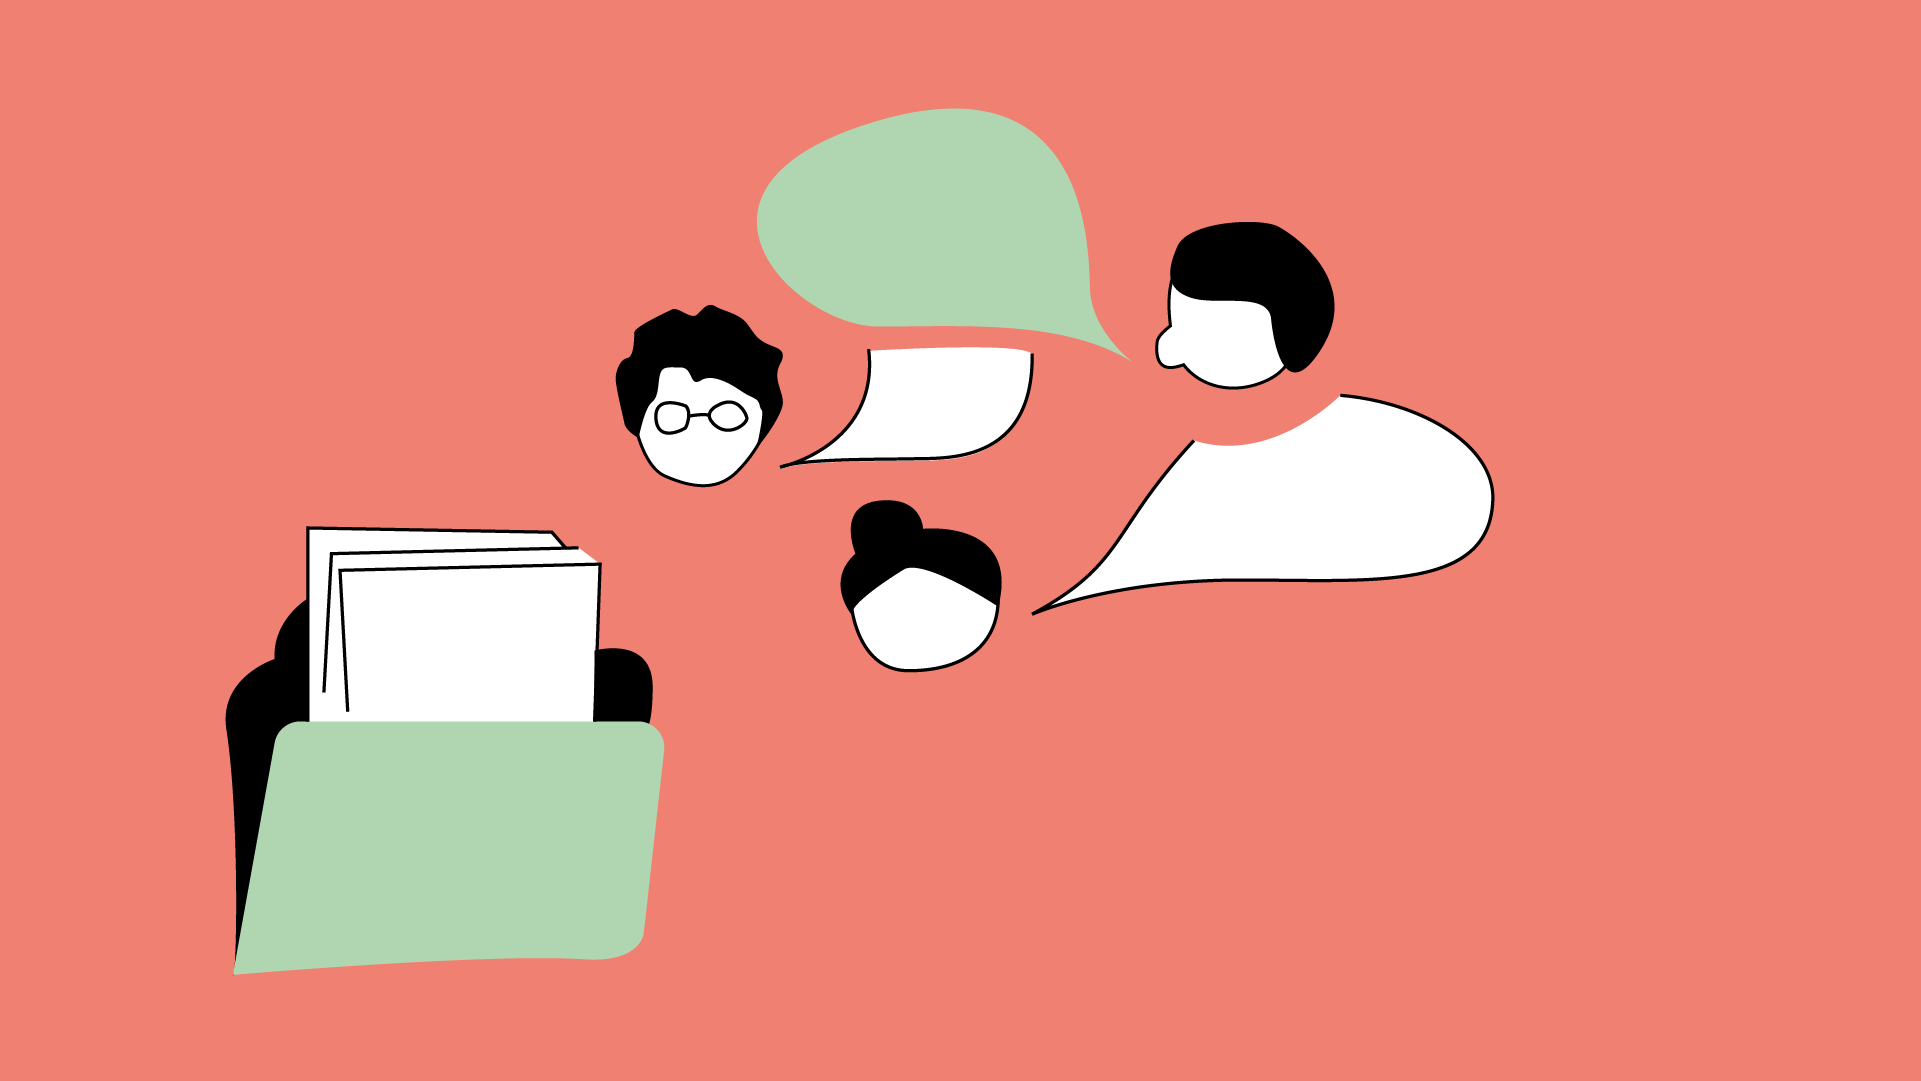 Links unten ist eine Mappe zu sehen und in der Mitte drei Menschen die miteinander sprechen.